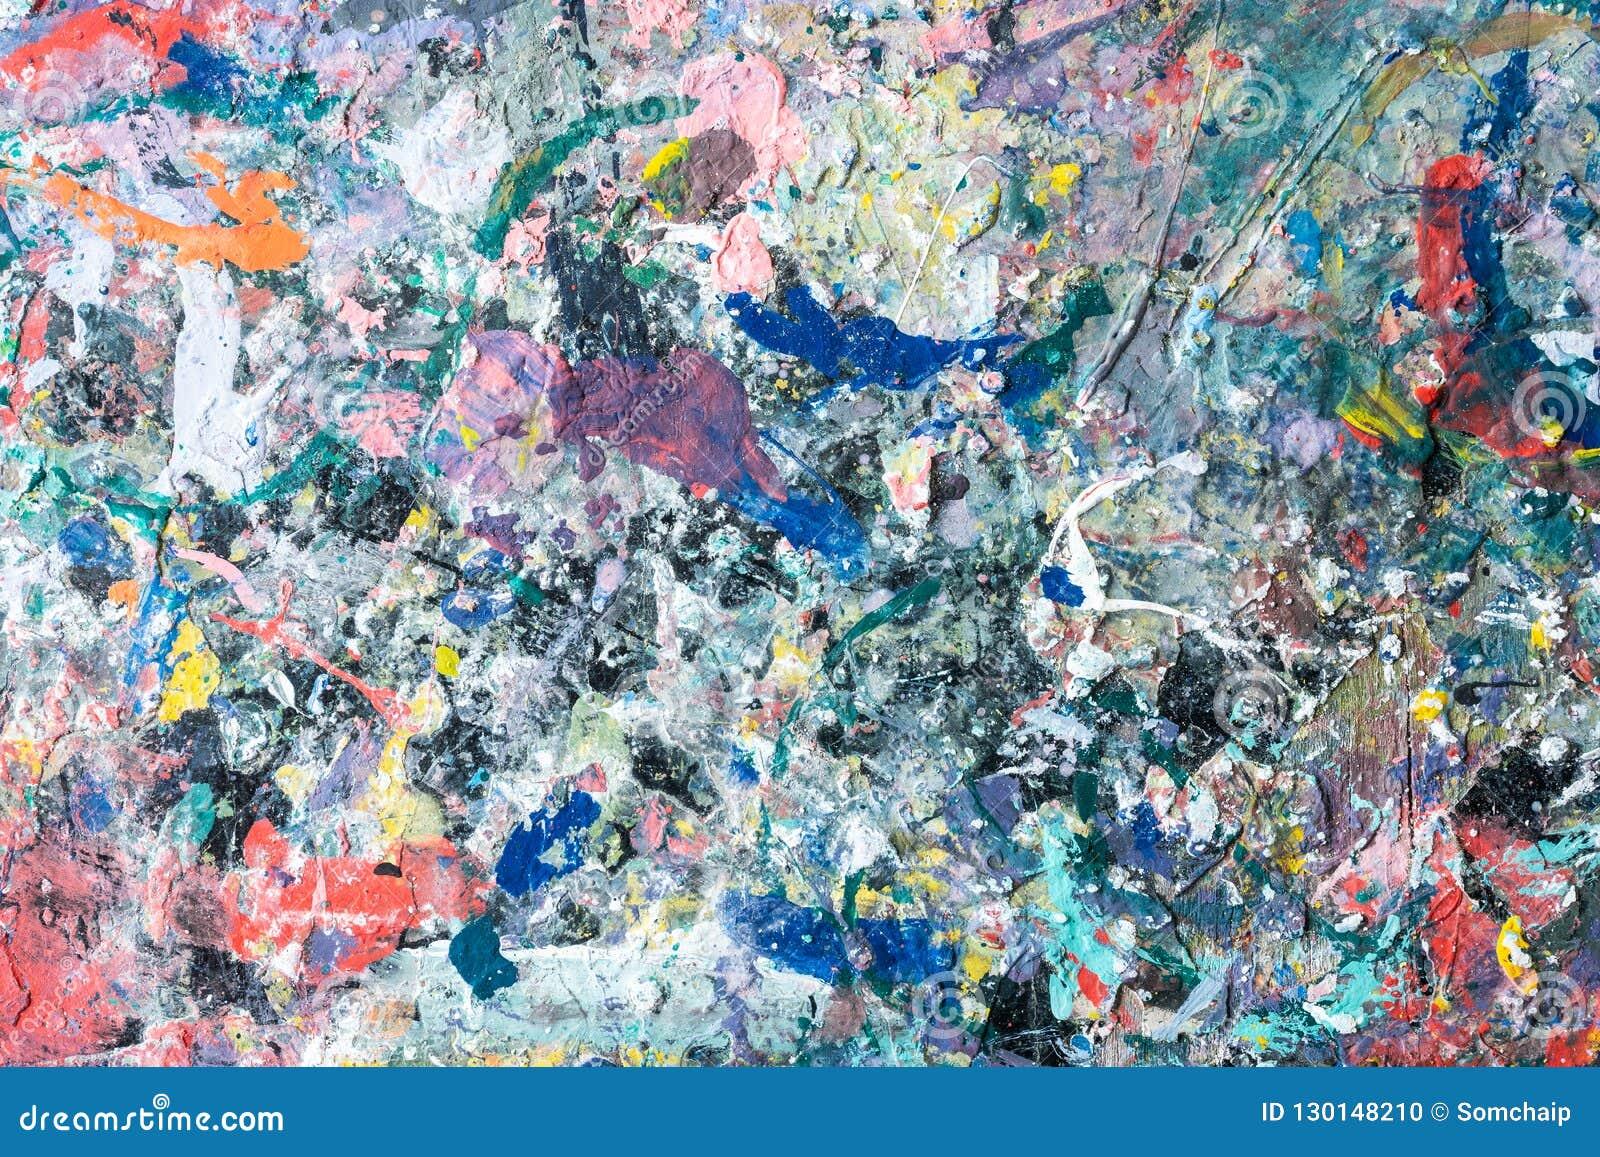 Photographiez Le Fond De Collage Ou La Texture De Peinture Sur Le Mur Photo Stock Image Du Fond Collage 130148210